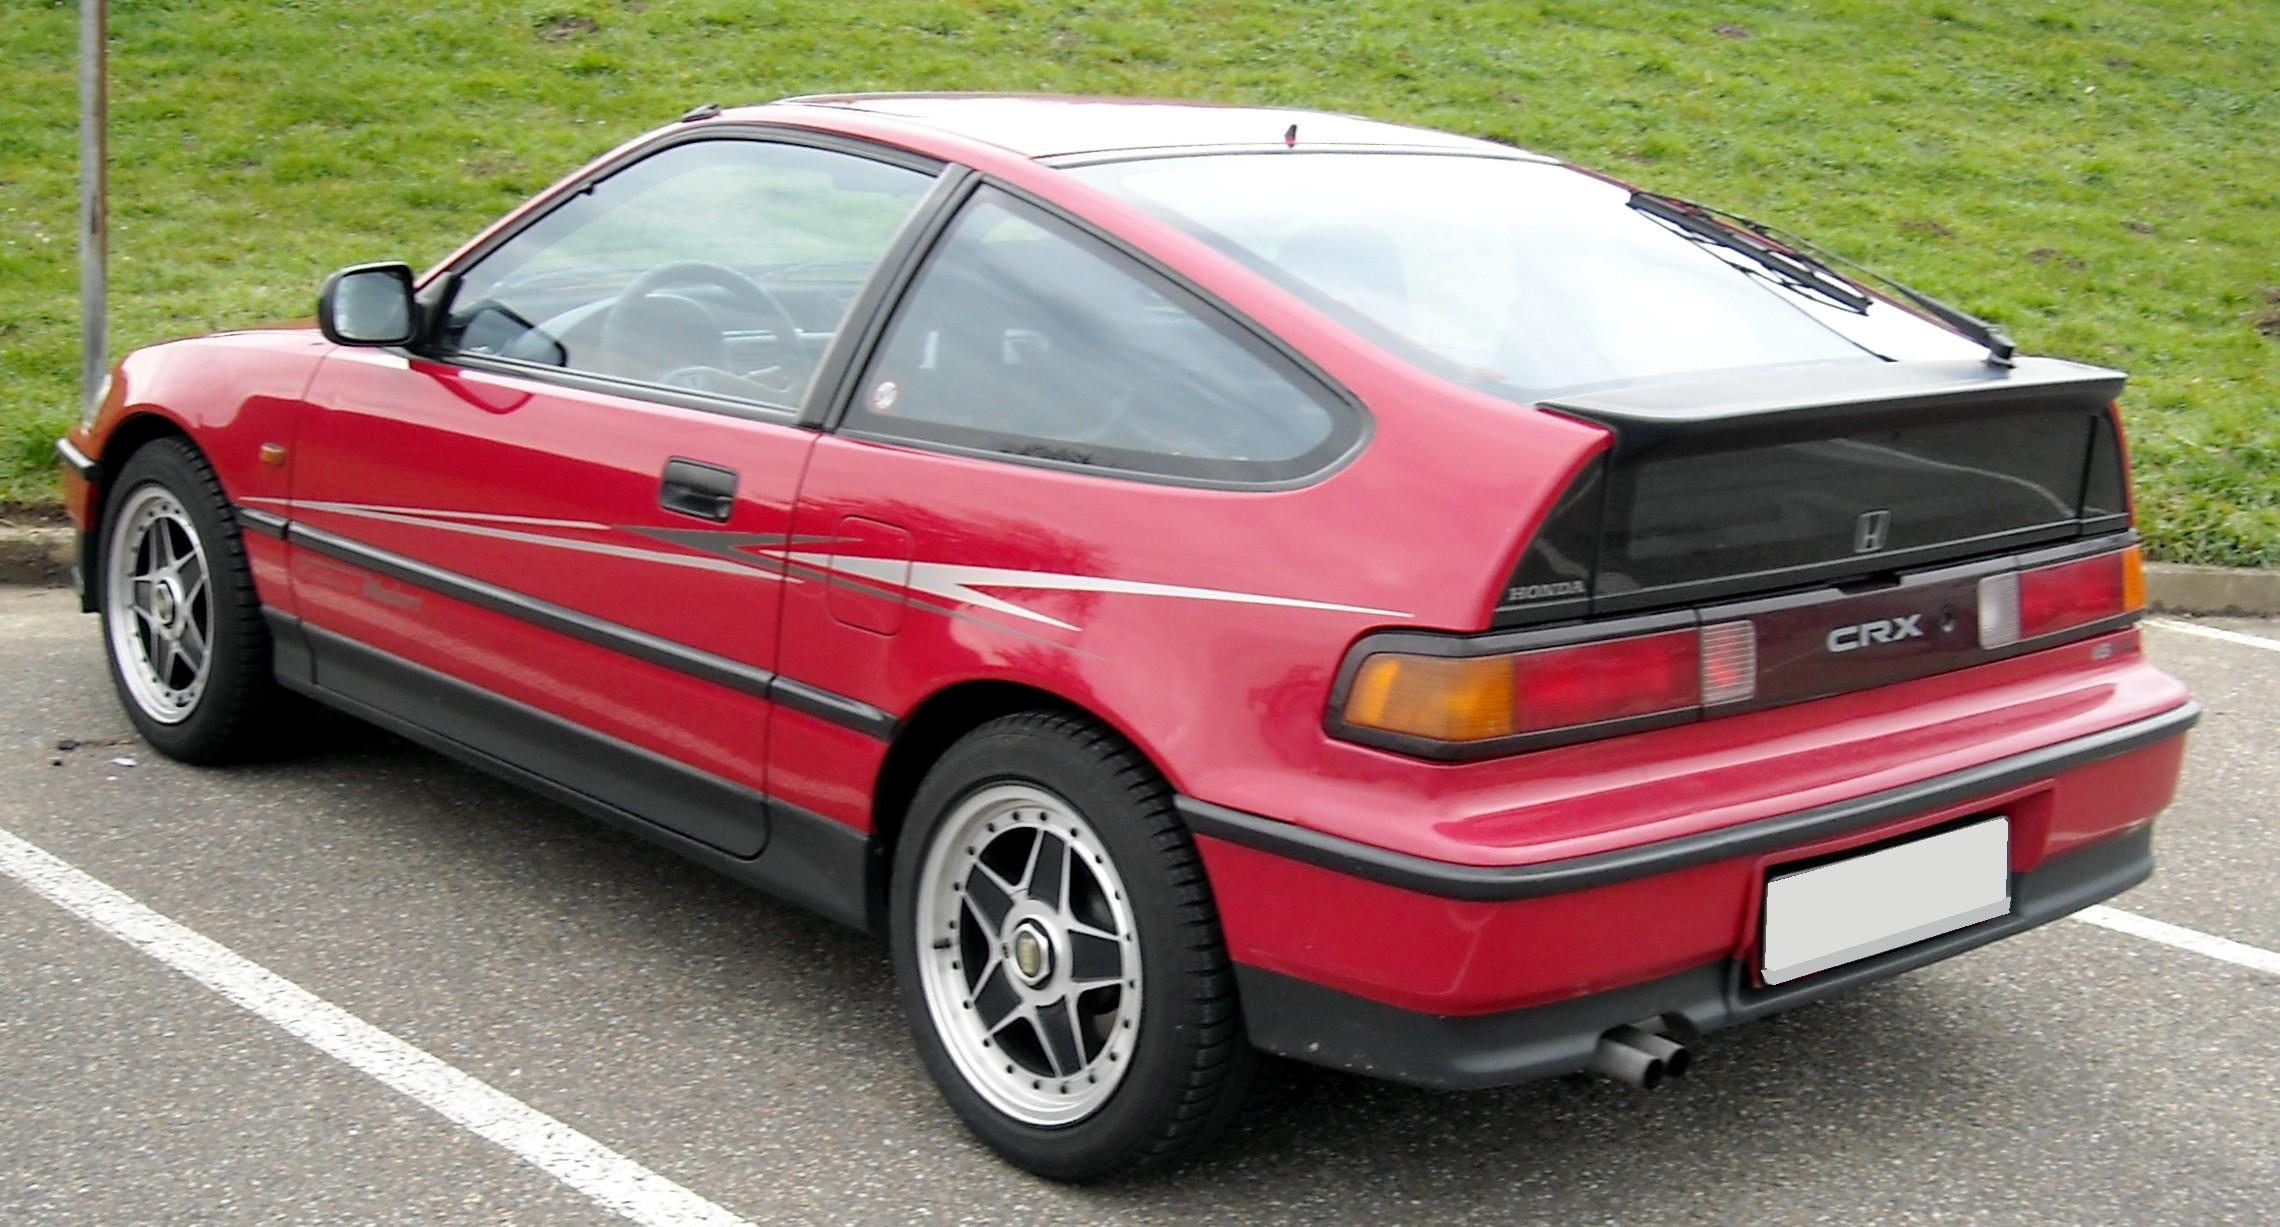 Honda Cr X >> Honda CR-X